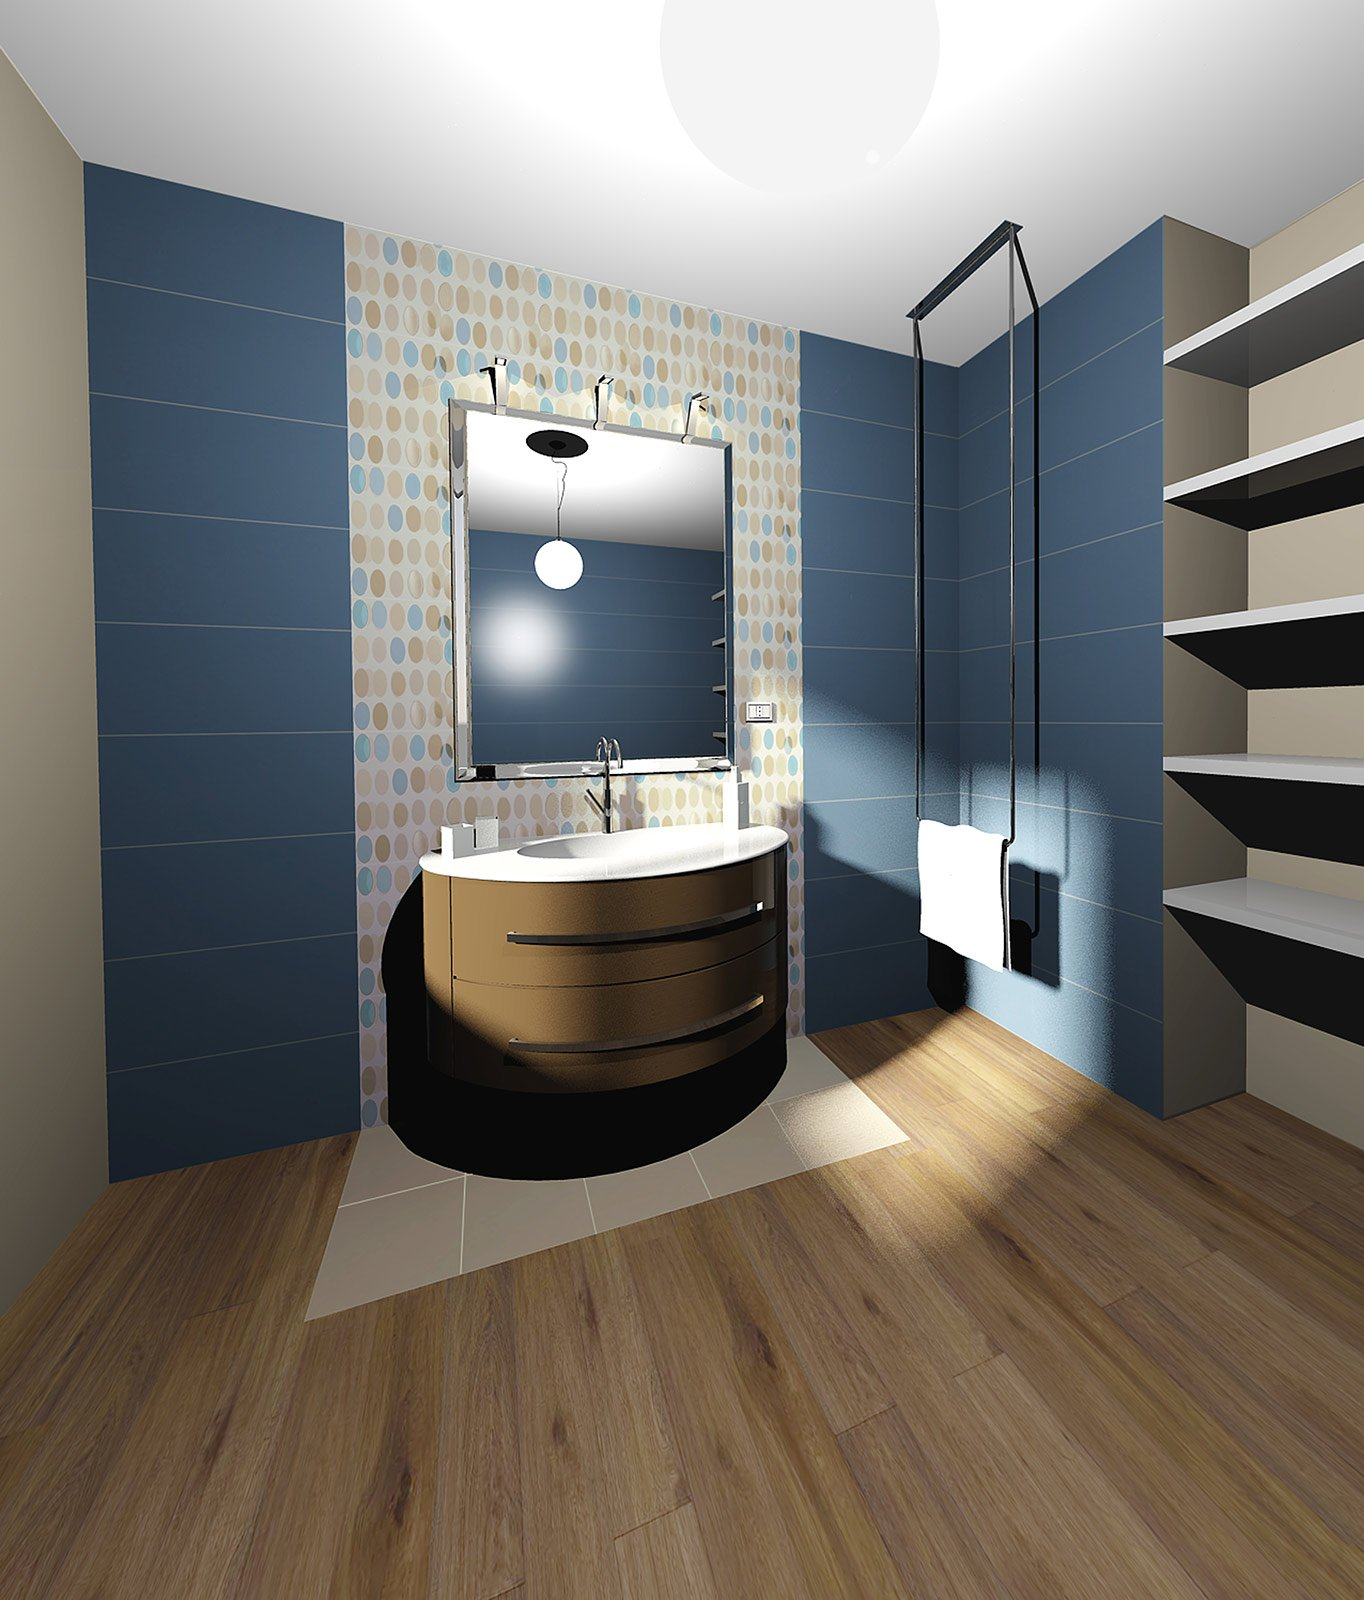 Scegliere i rivestimenti per pareti e pavimenti cose di casa - Come abbinare cucina e pavimento ...